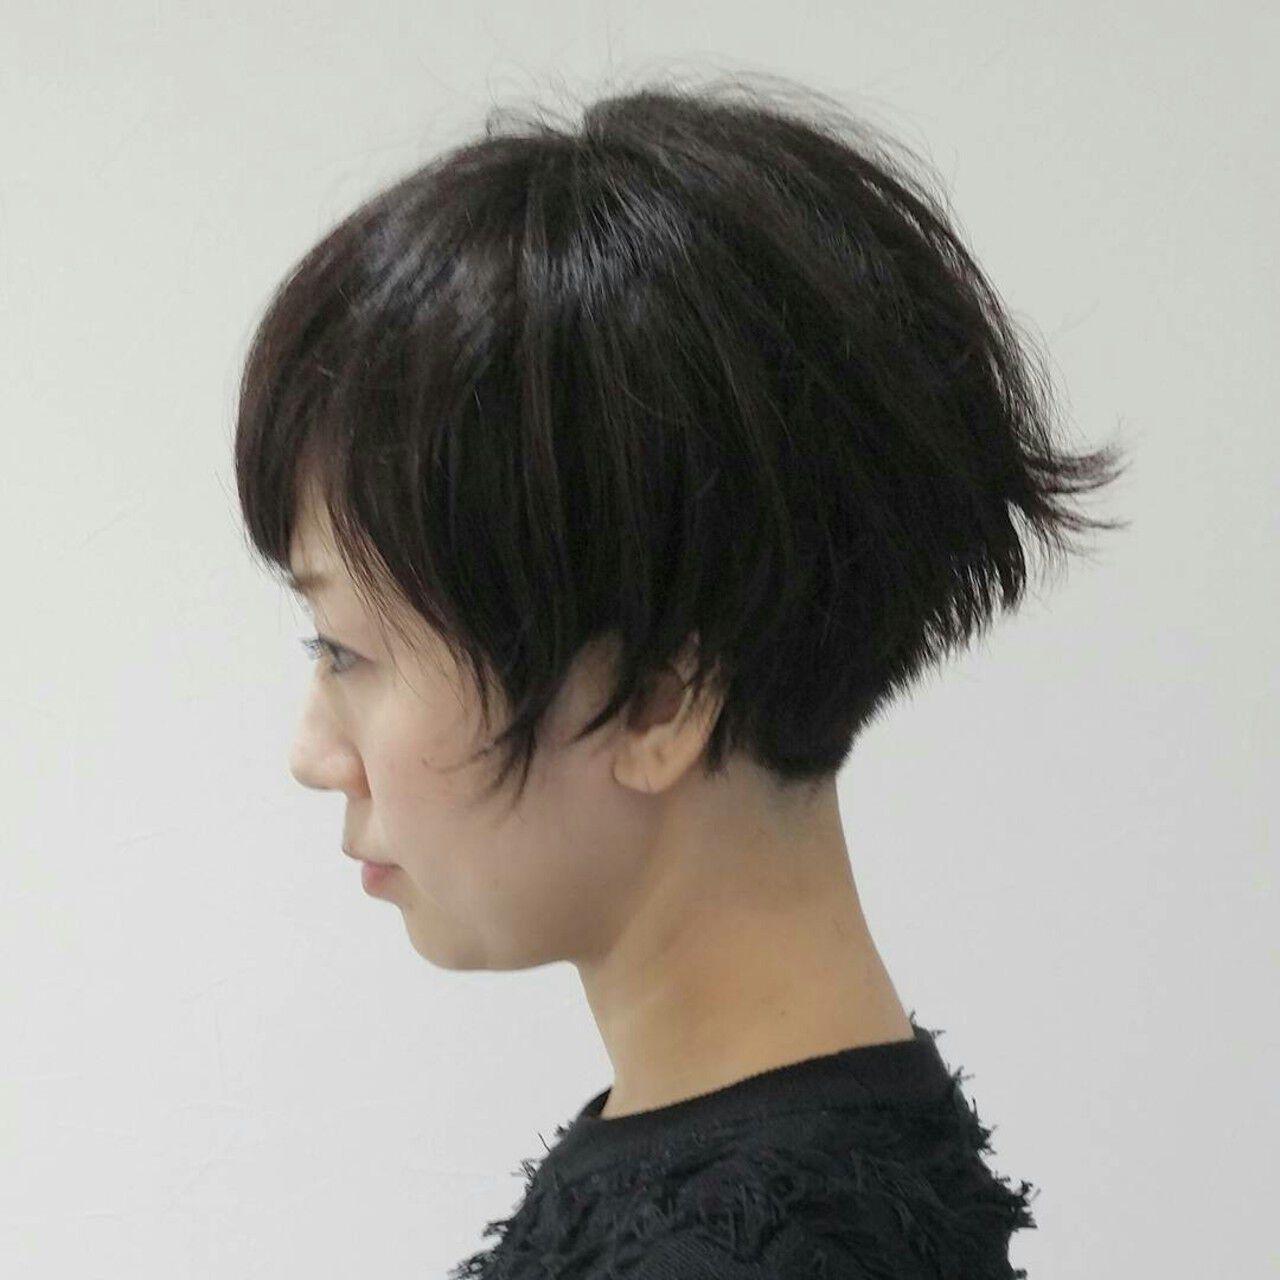 ショート 暗髪 冬 モードヘアスタイルや髪型の写真・画像